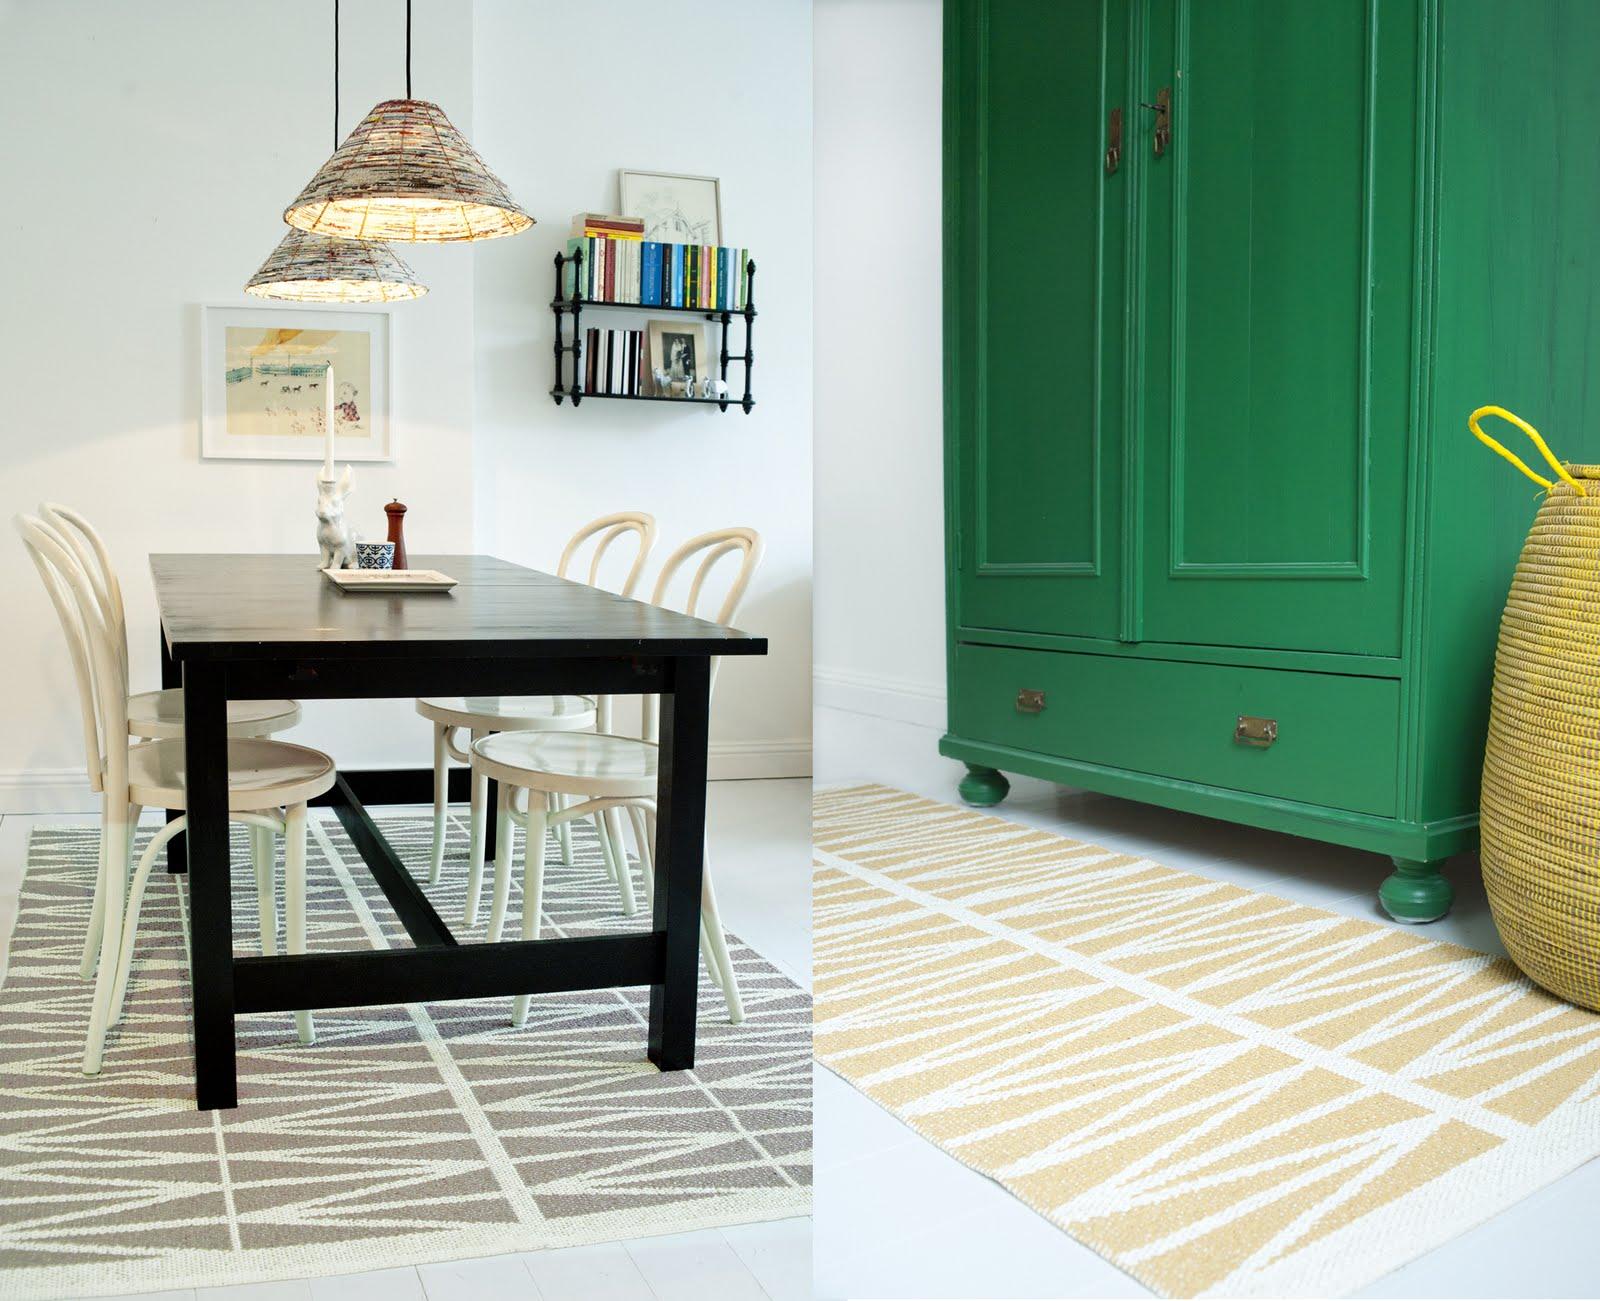 brita sweden. Black Bedroom Furniture Sets. Home Design Ideas